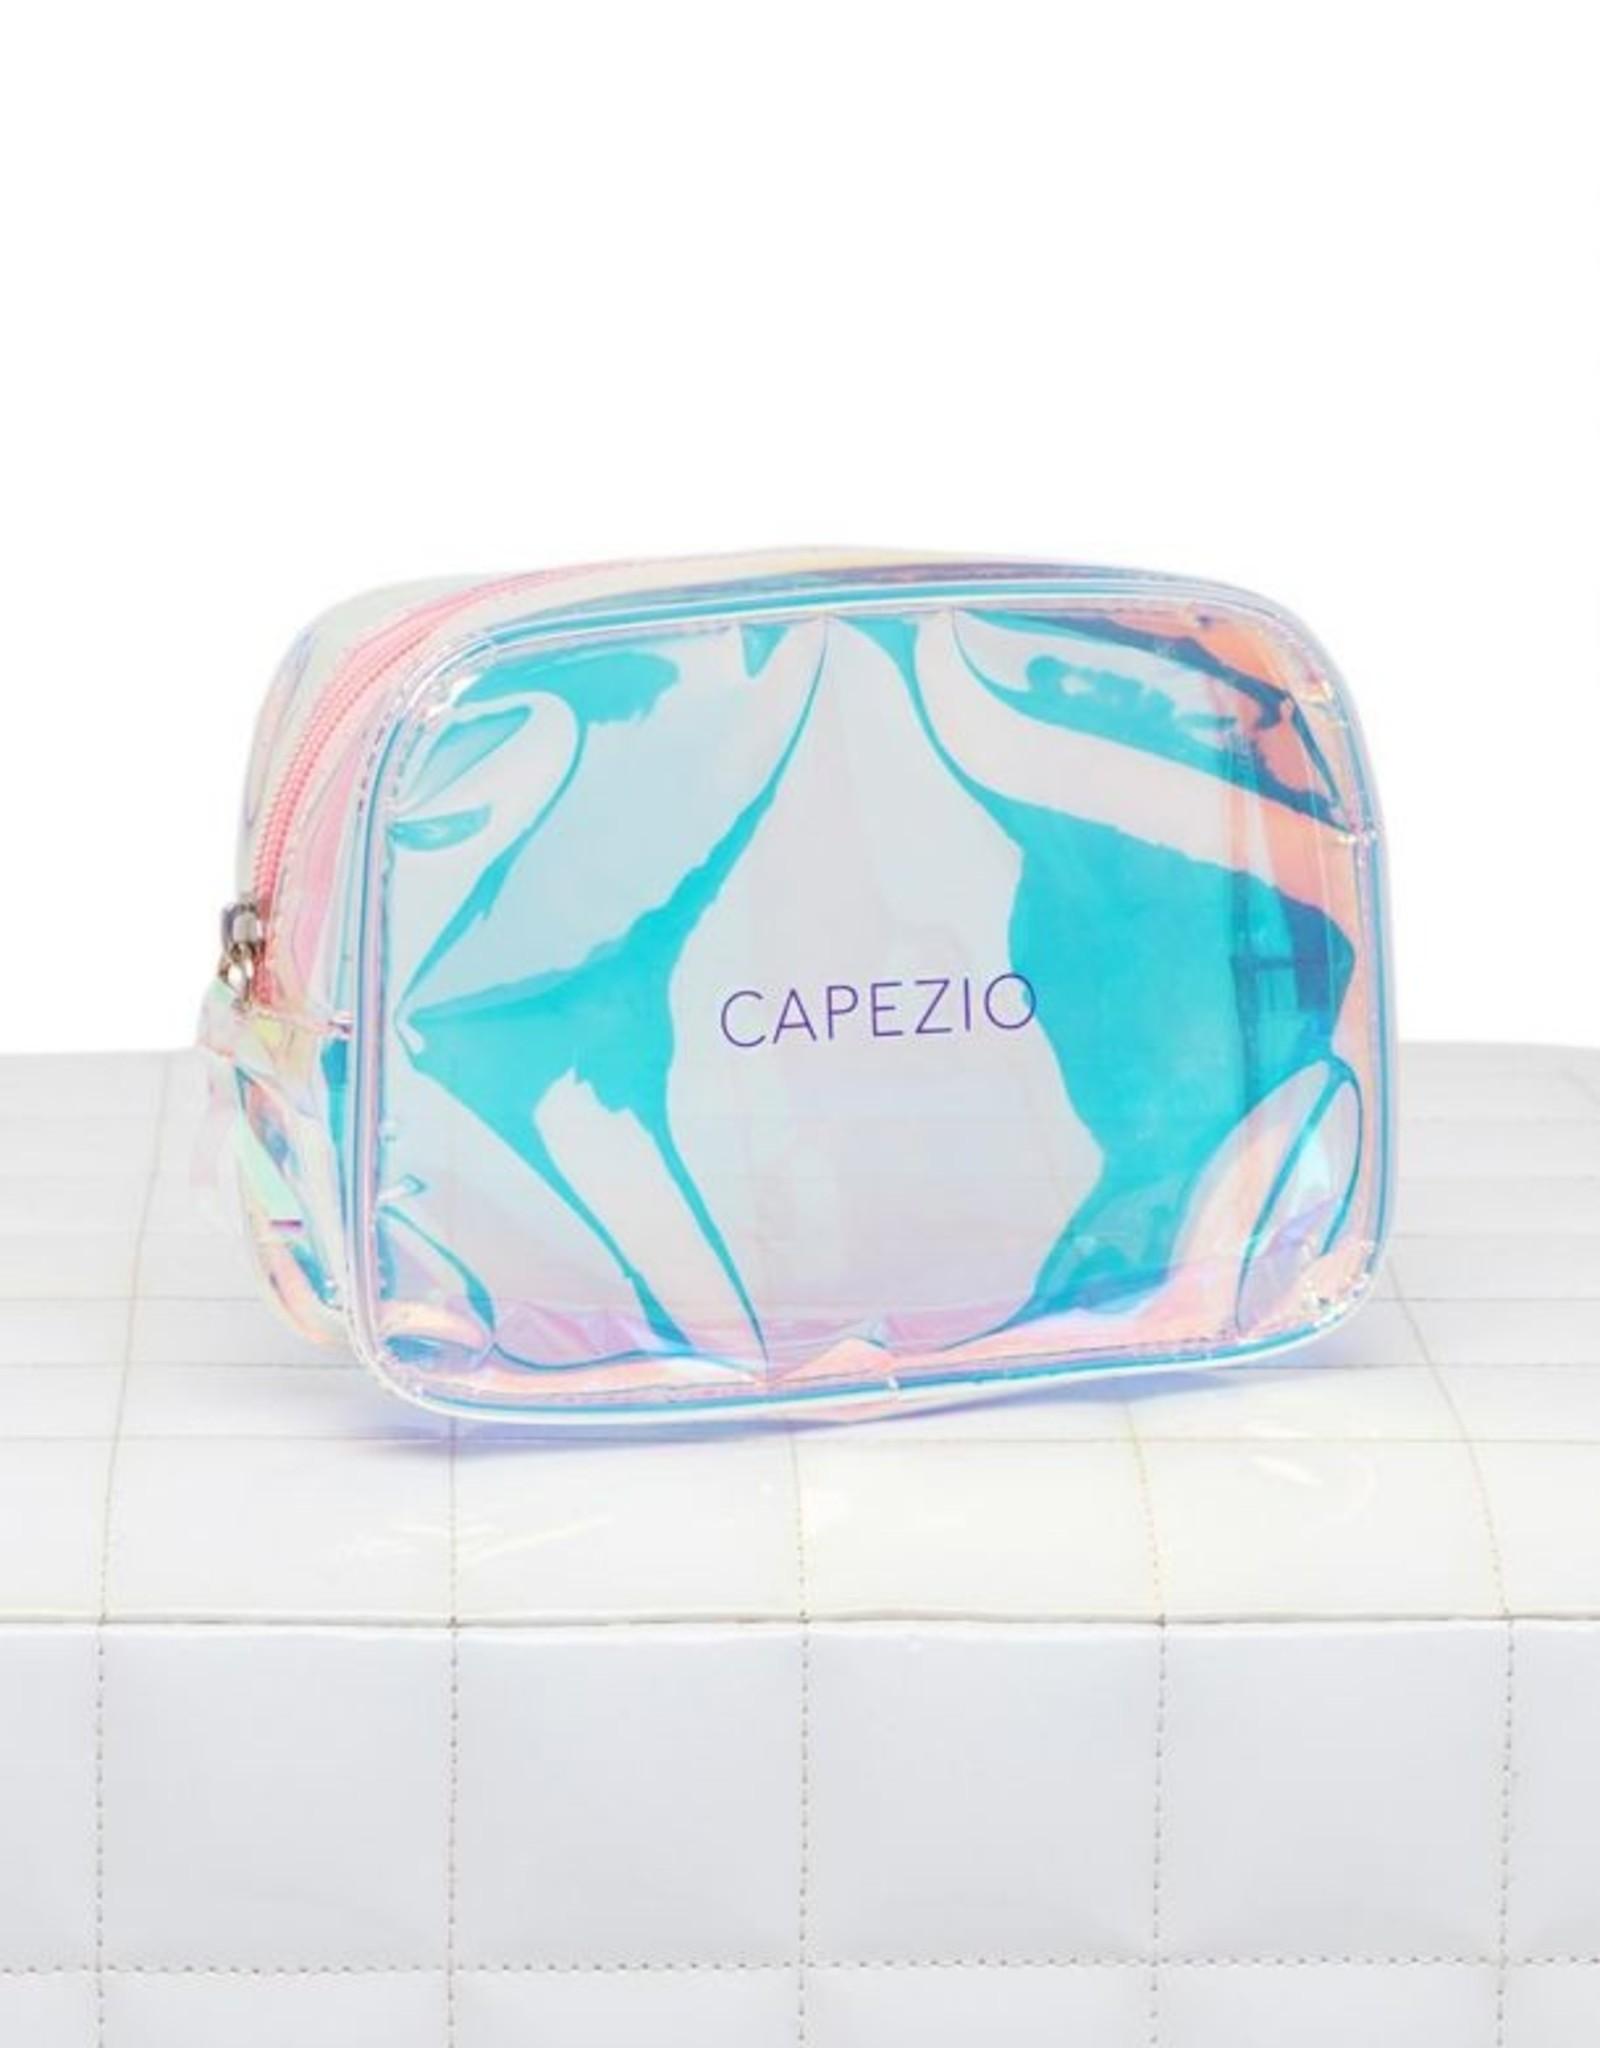 CAPEZIO HOLOGRAPHIC MAKEUP BAG (B226)